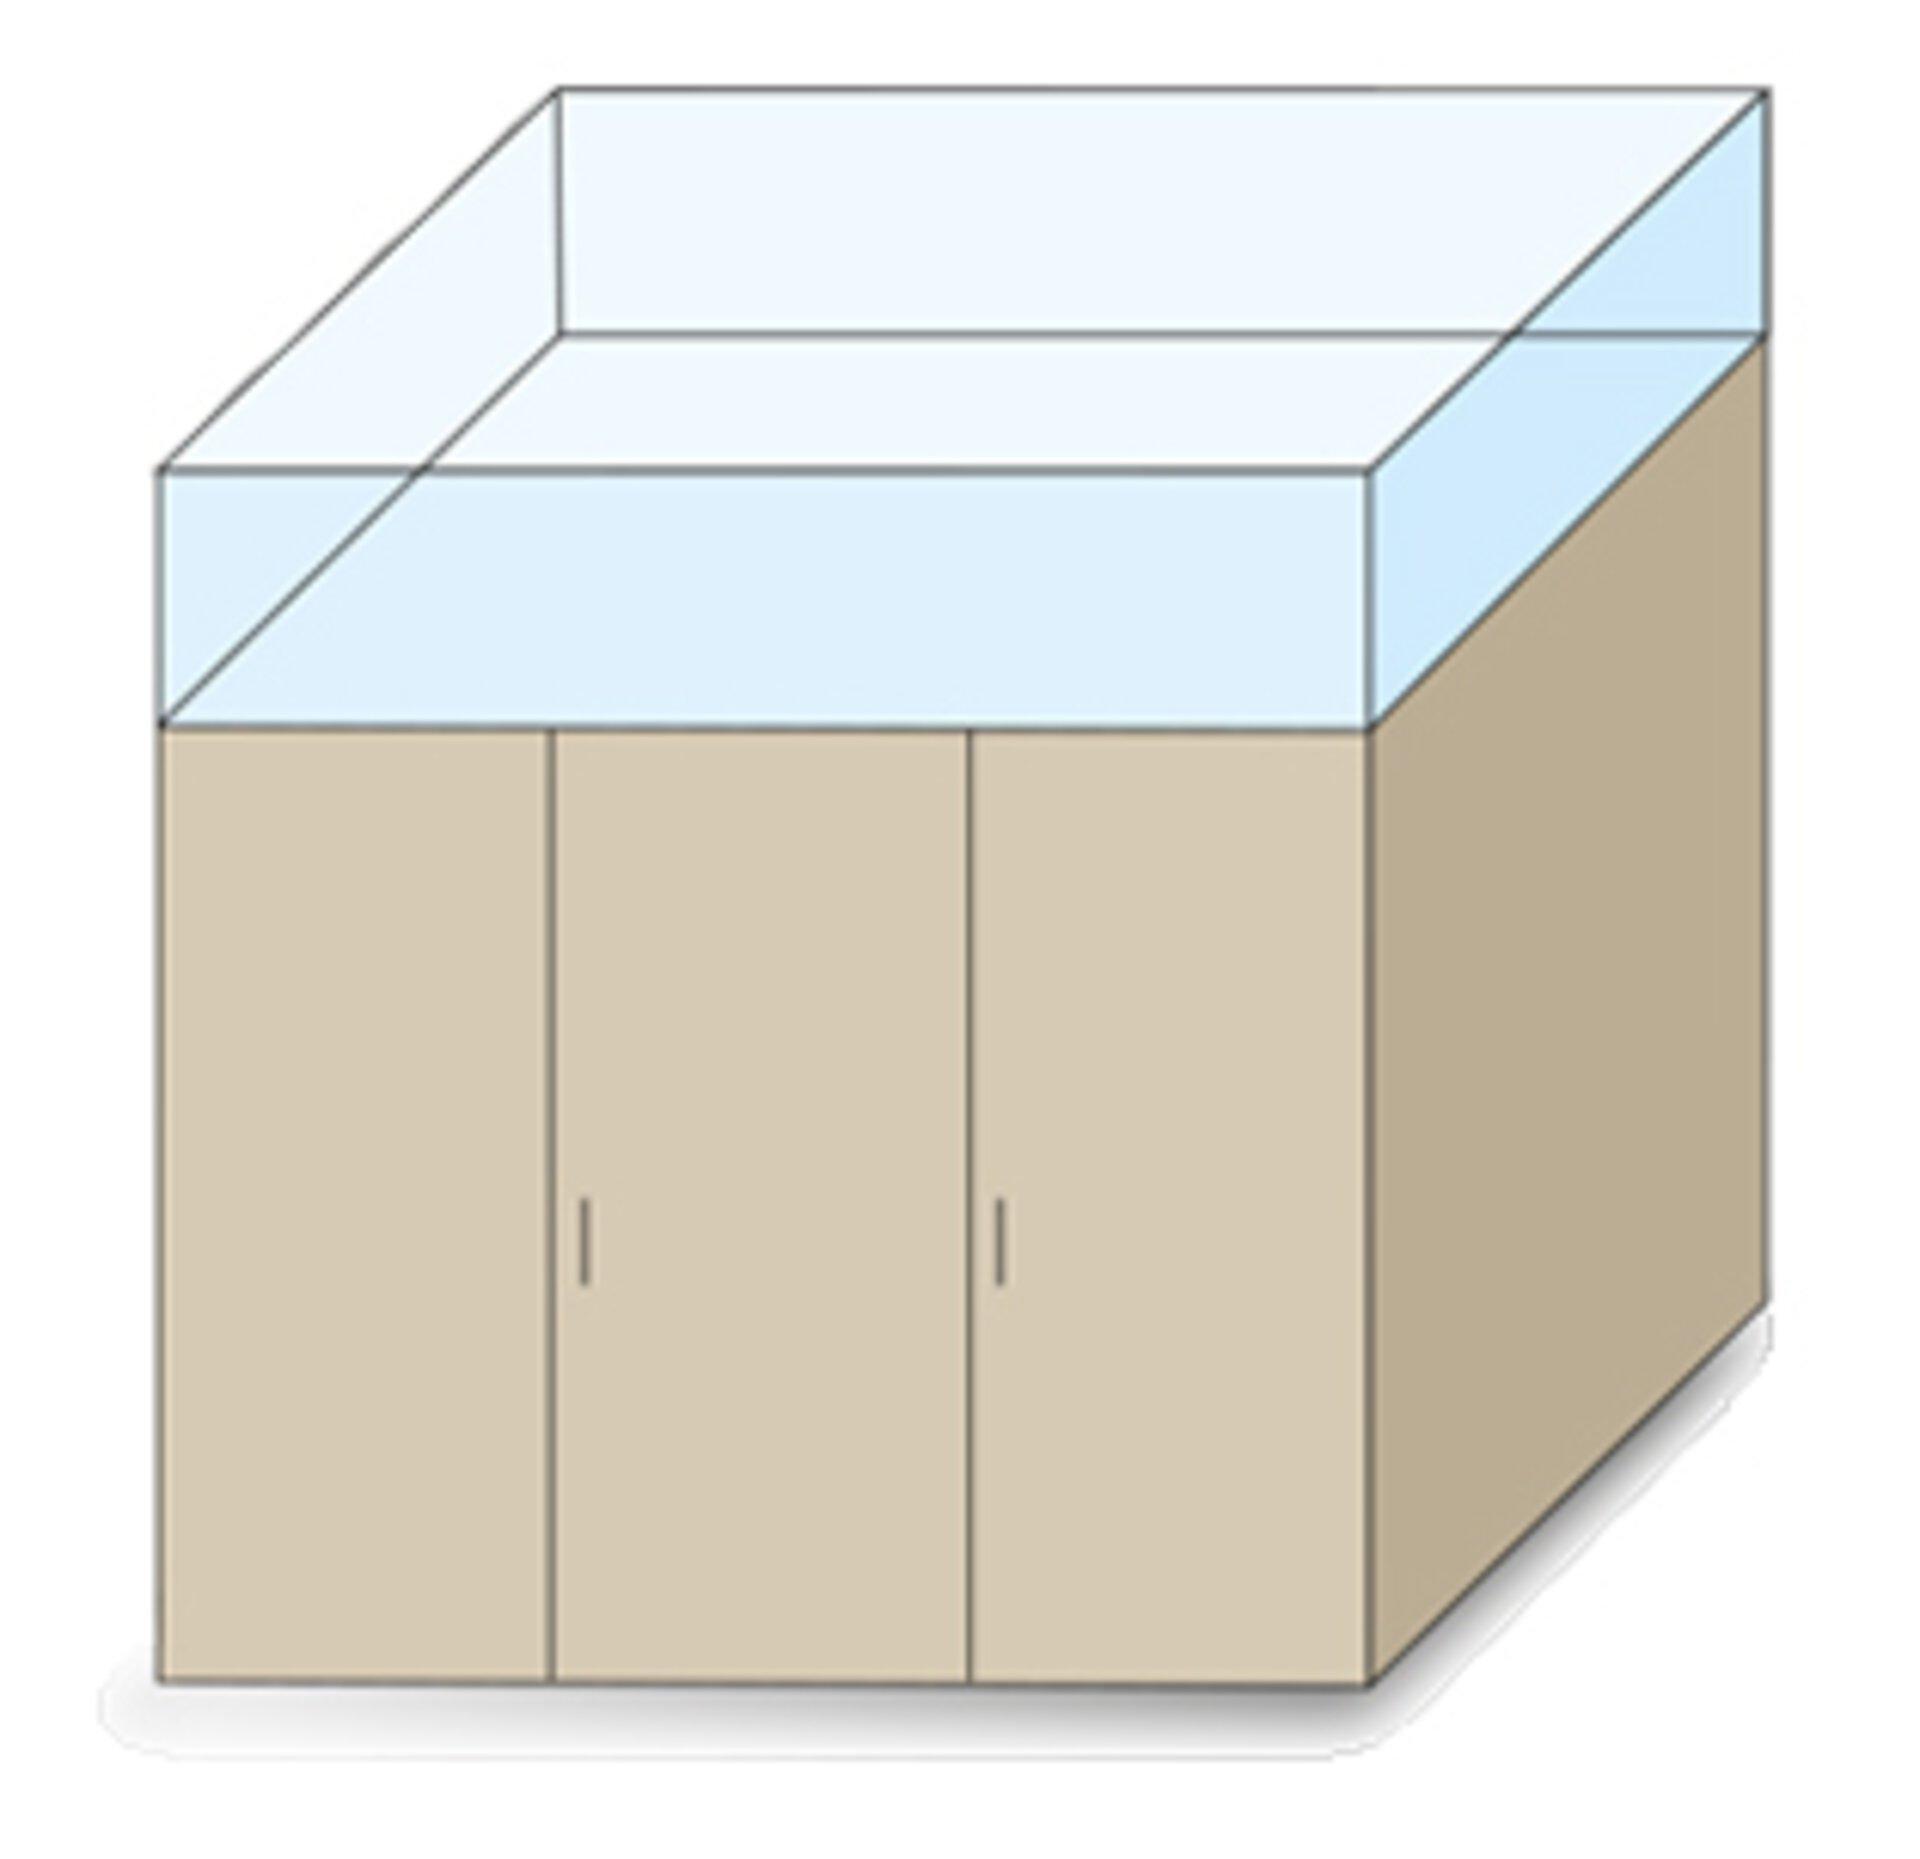 Zeichnung maßgeschneidertes Schranksystem - Höhenkürzung